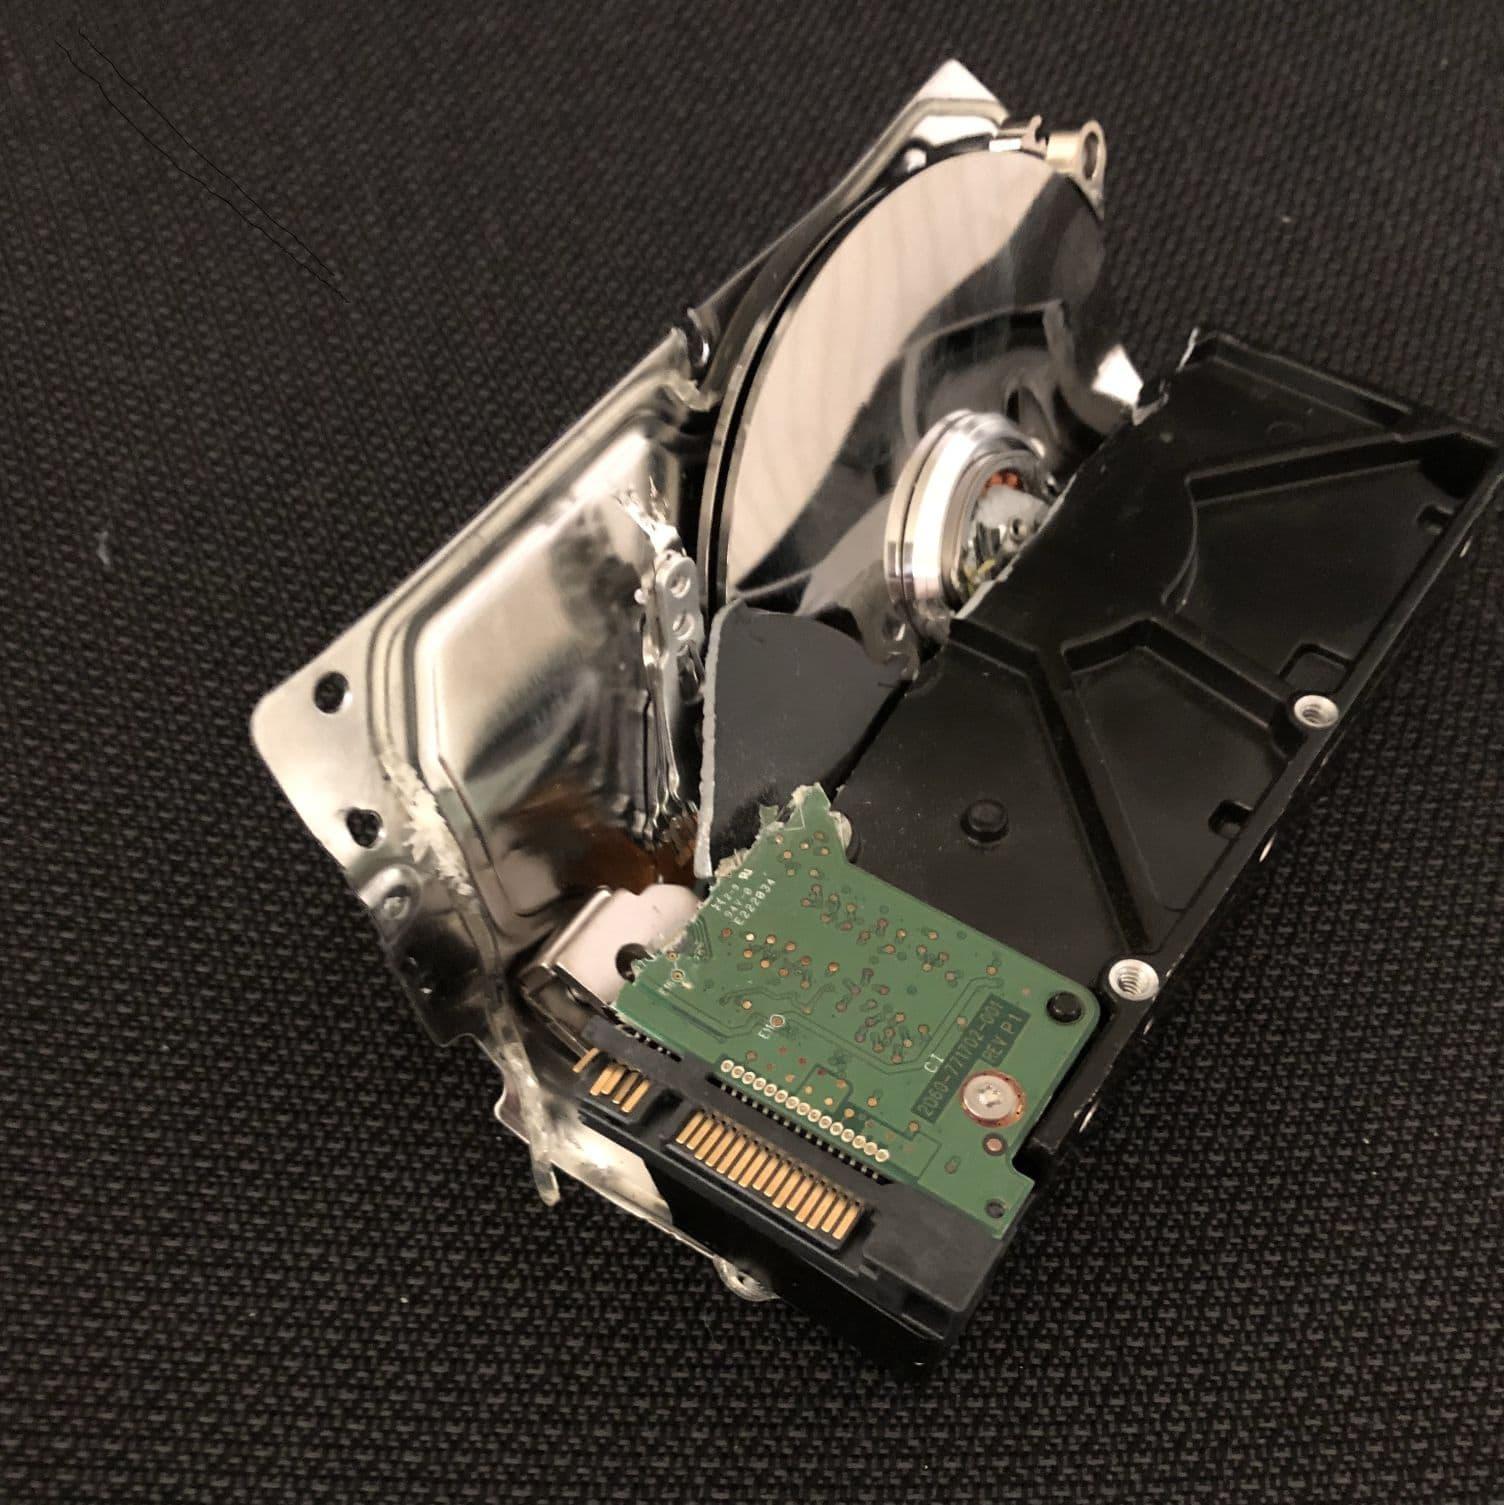 Szétzúzott HDD bizalmas e-hulladék megsemmisítéskor